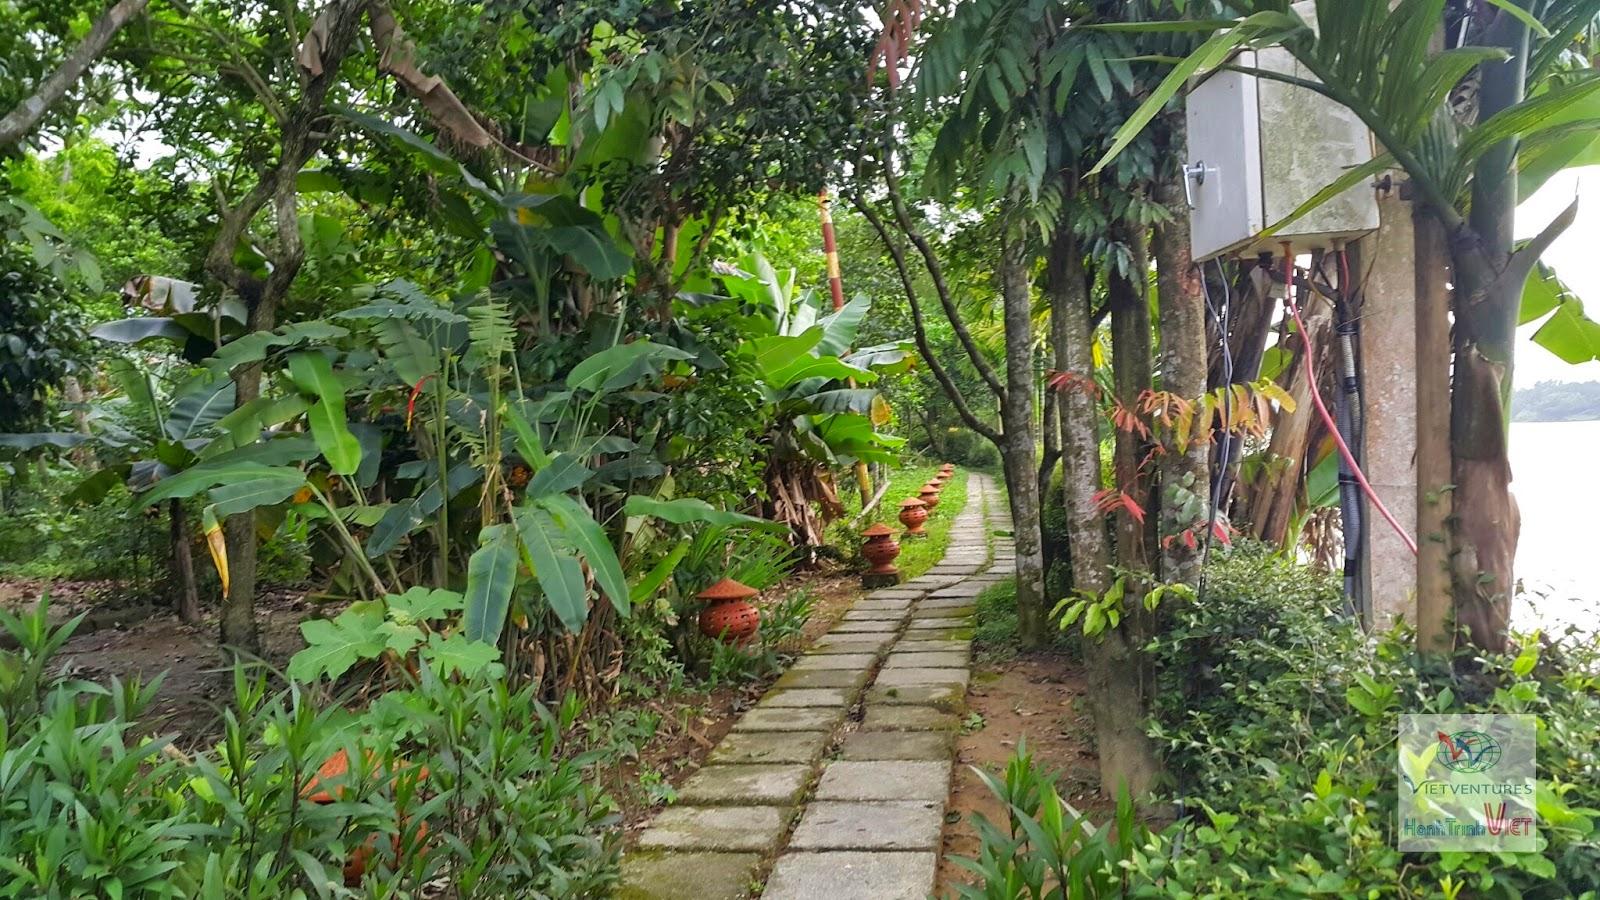 Tham quan làng Thủy Biều, Huế